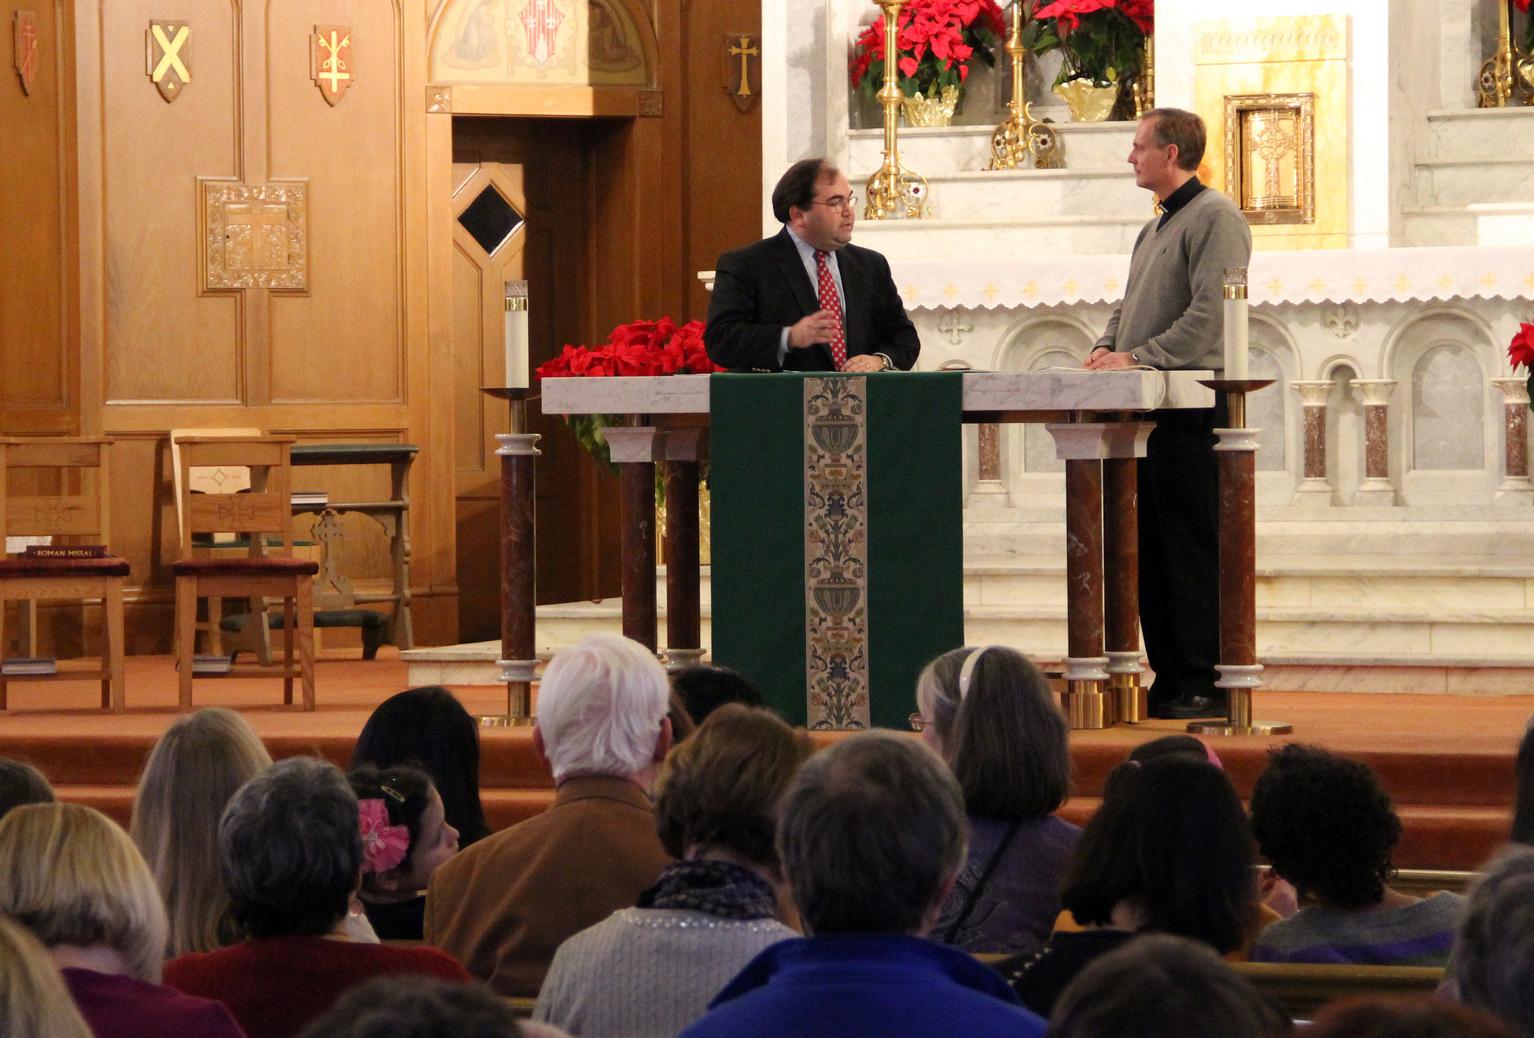 World Interfaith Harmony Assembly 2013